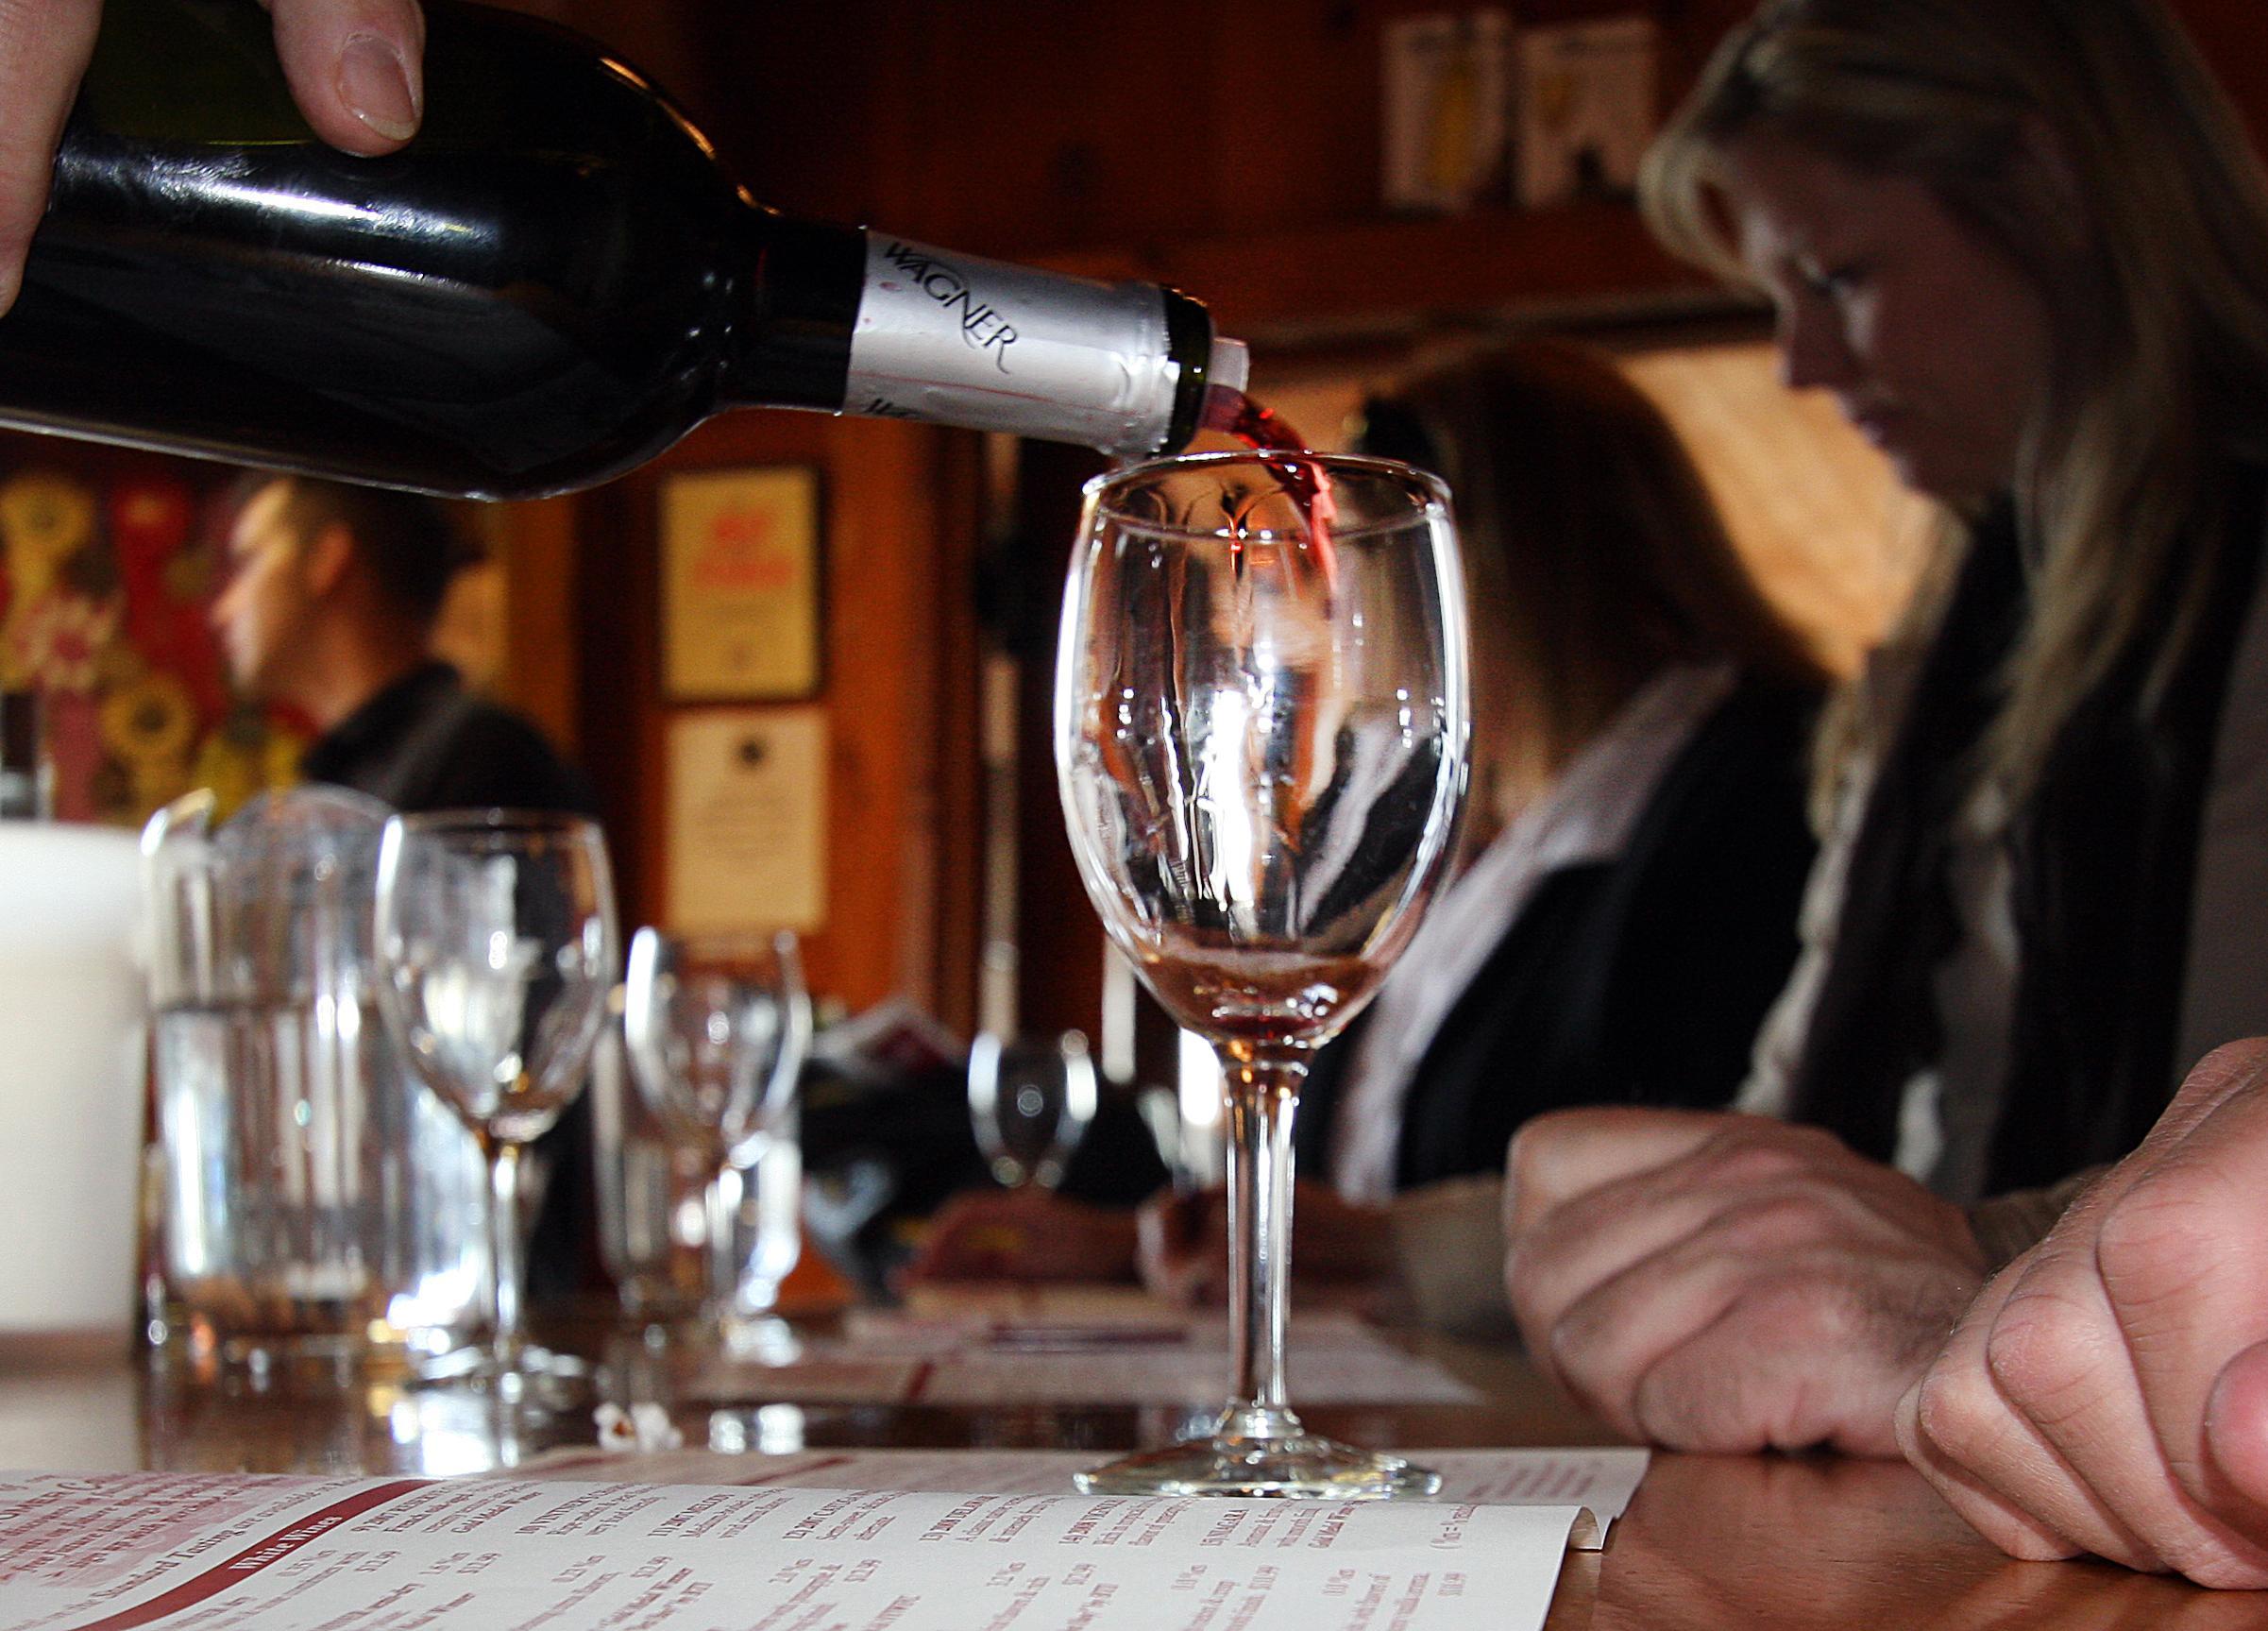 La elegancia del vino y el sabor del aceite de oliva